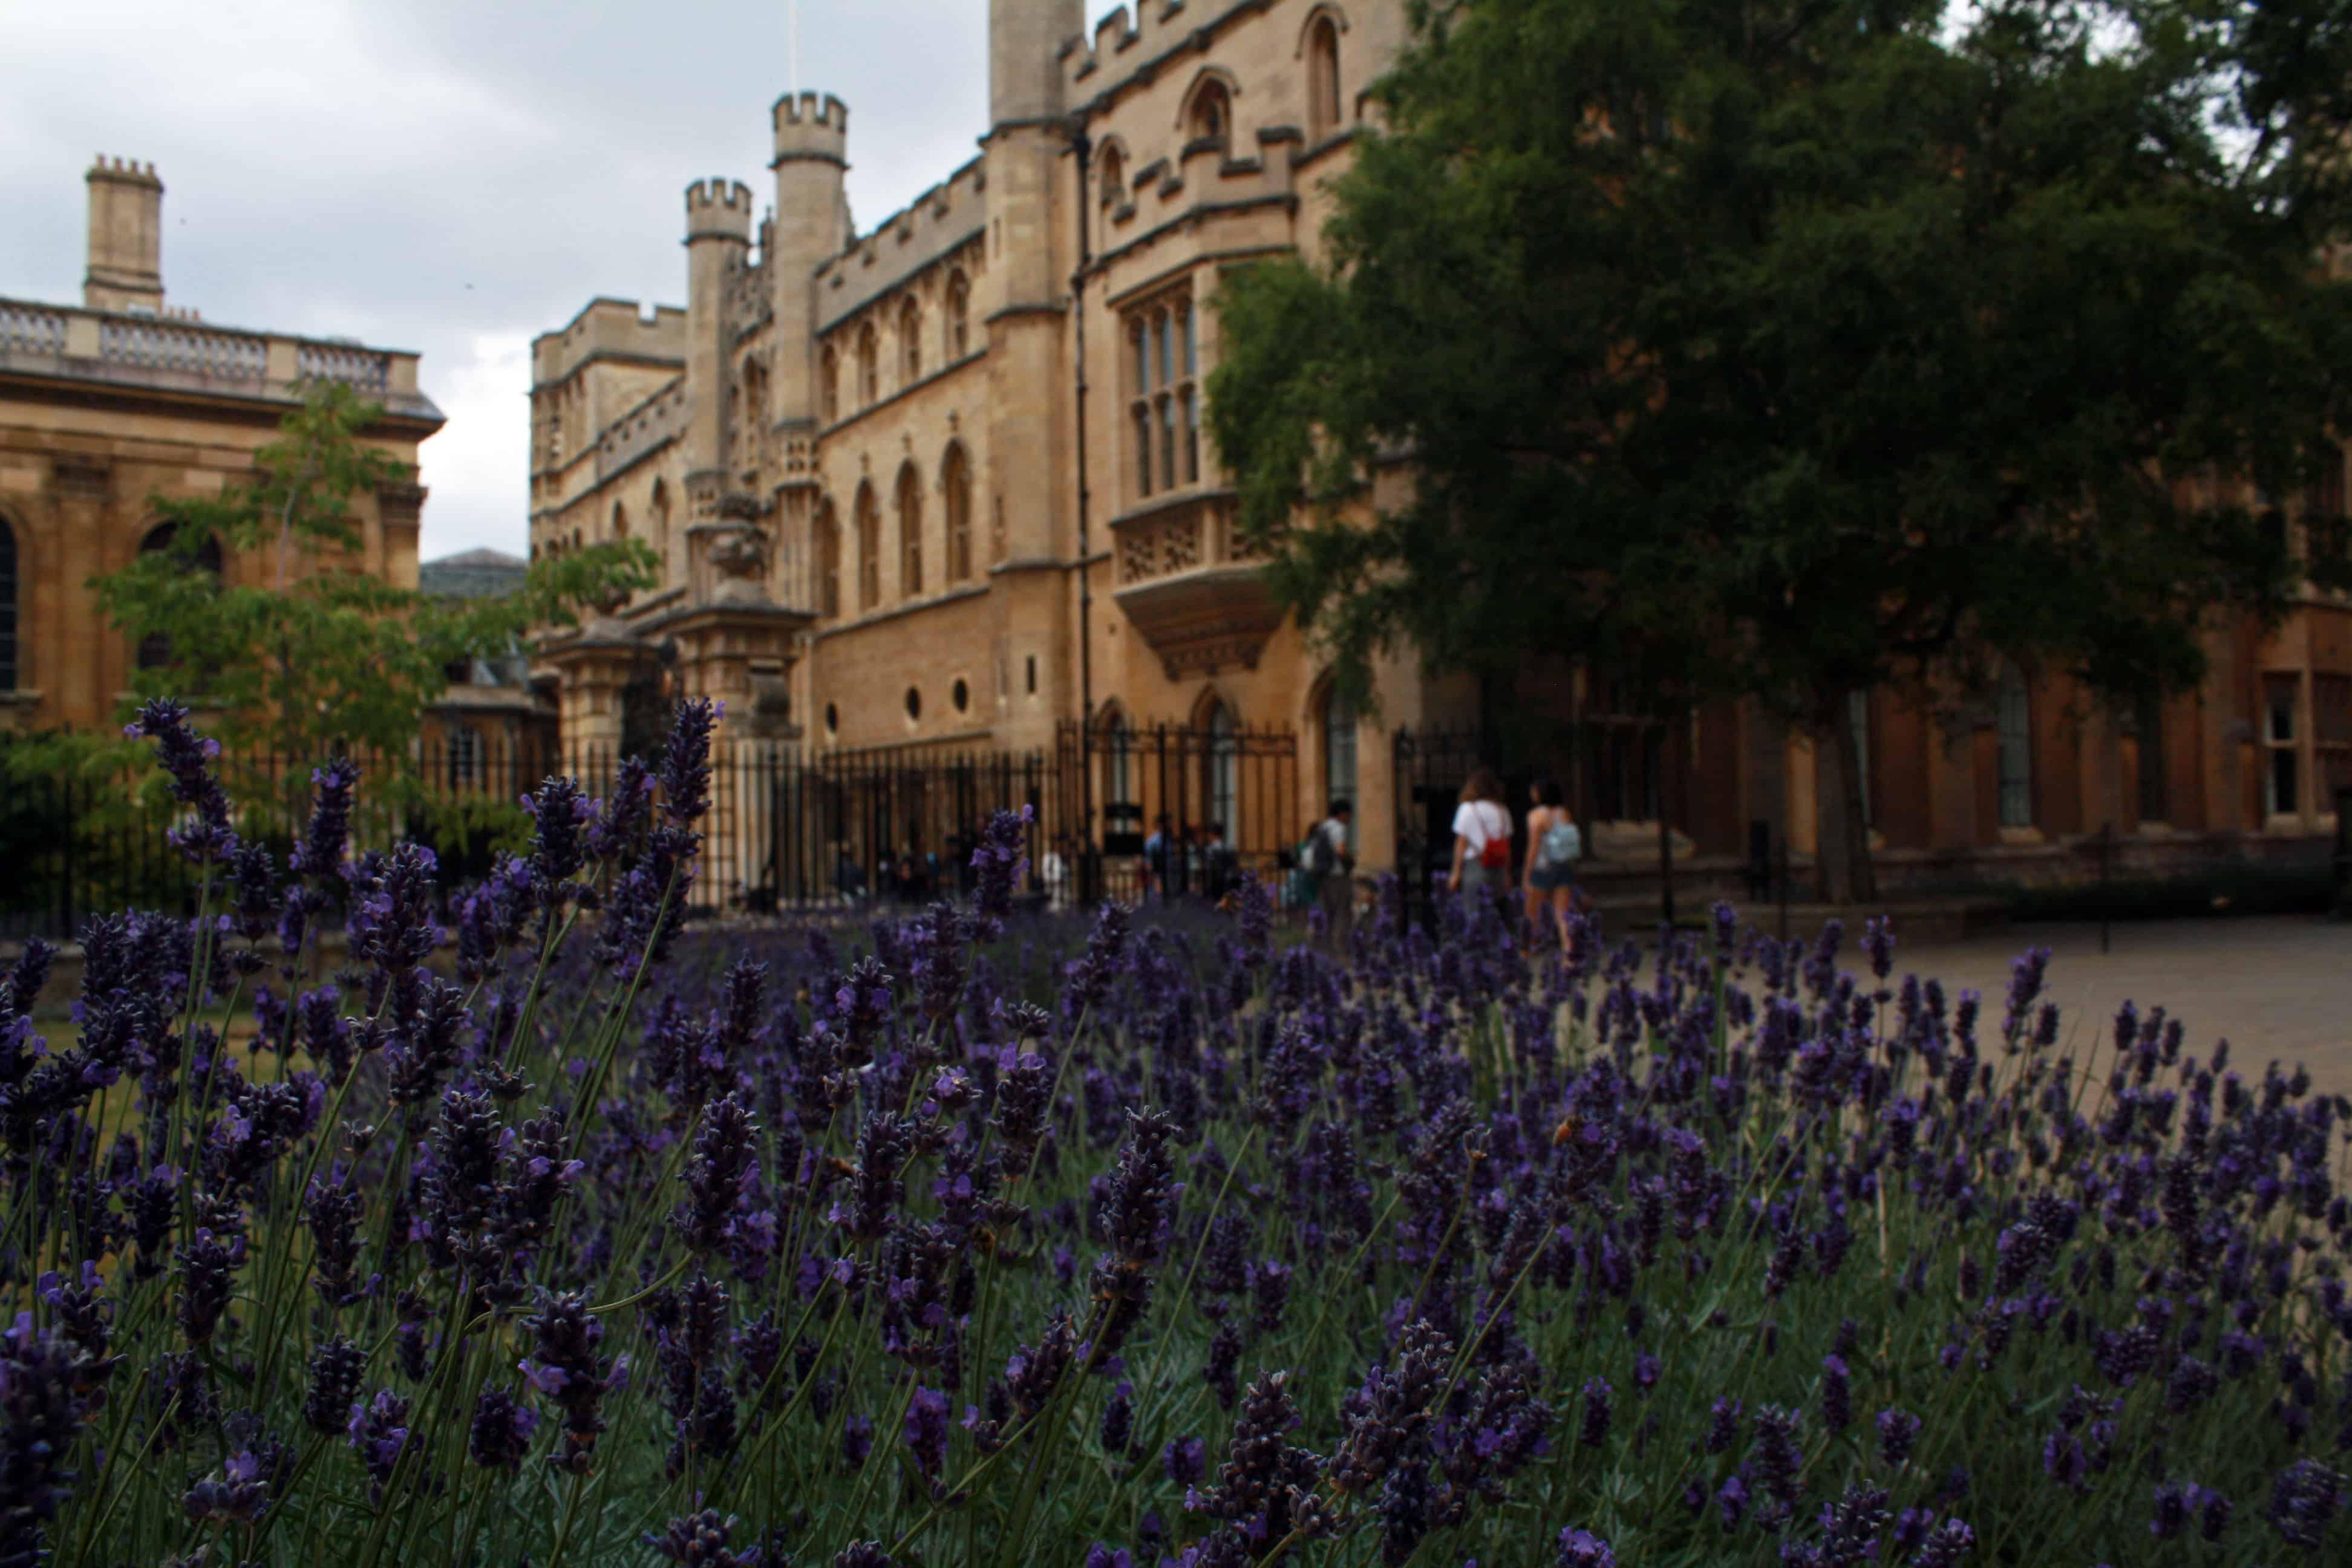 University of Cambridge, The Old Schools - Cambridge